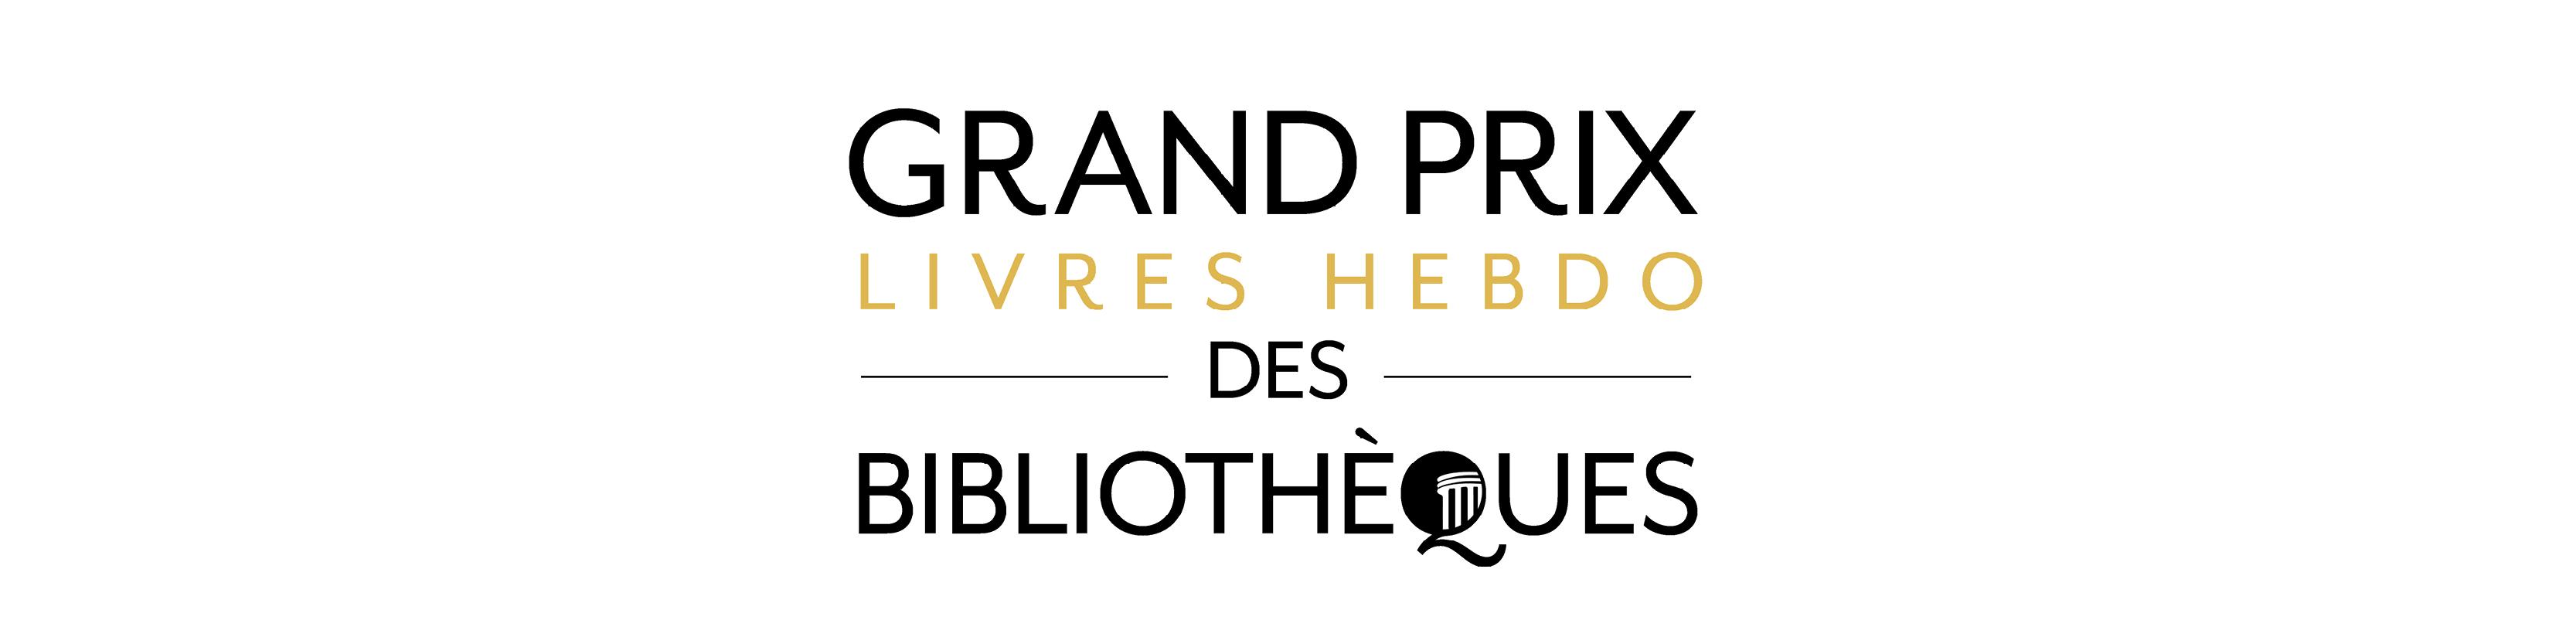 Grand Prix Livres Hebdo des Bibliothèques